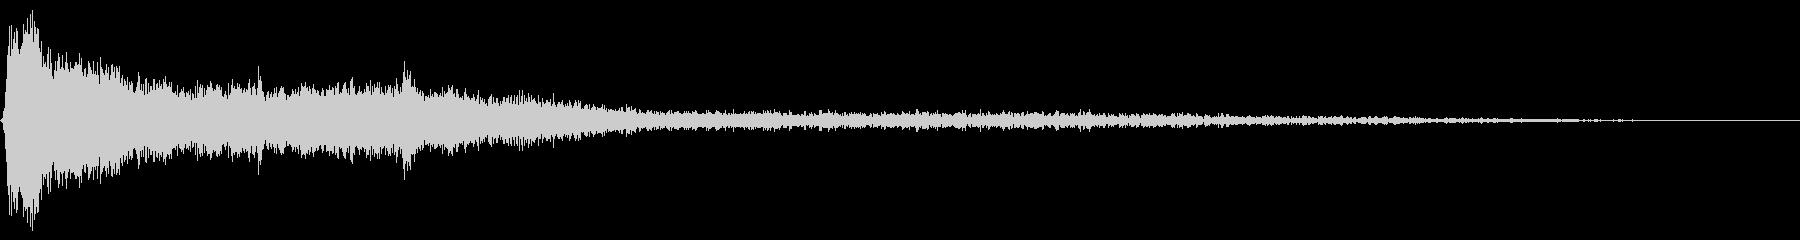 長いシューという鳴き声のザップ遷移の未再生の波形